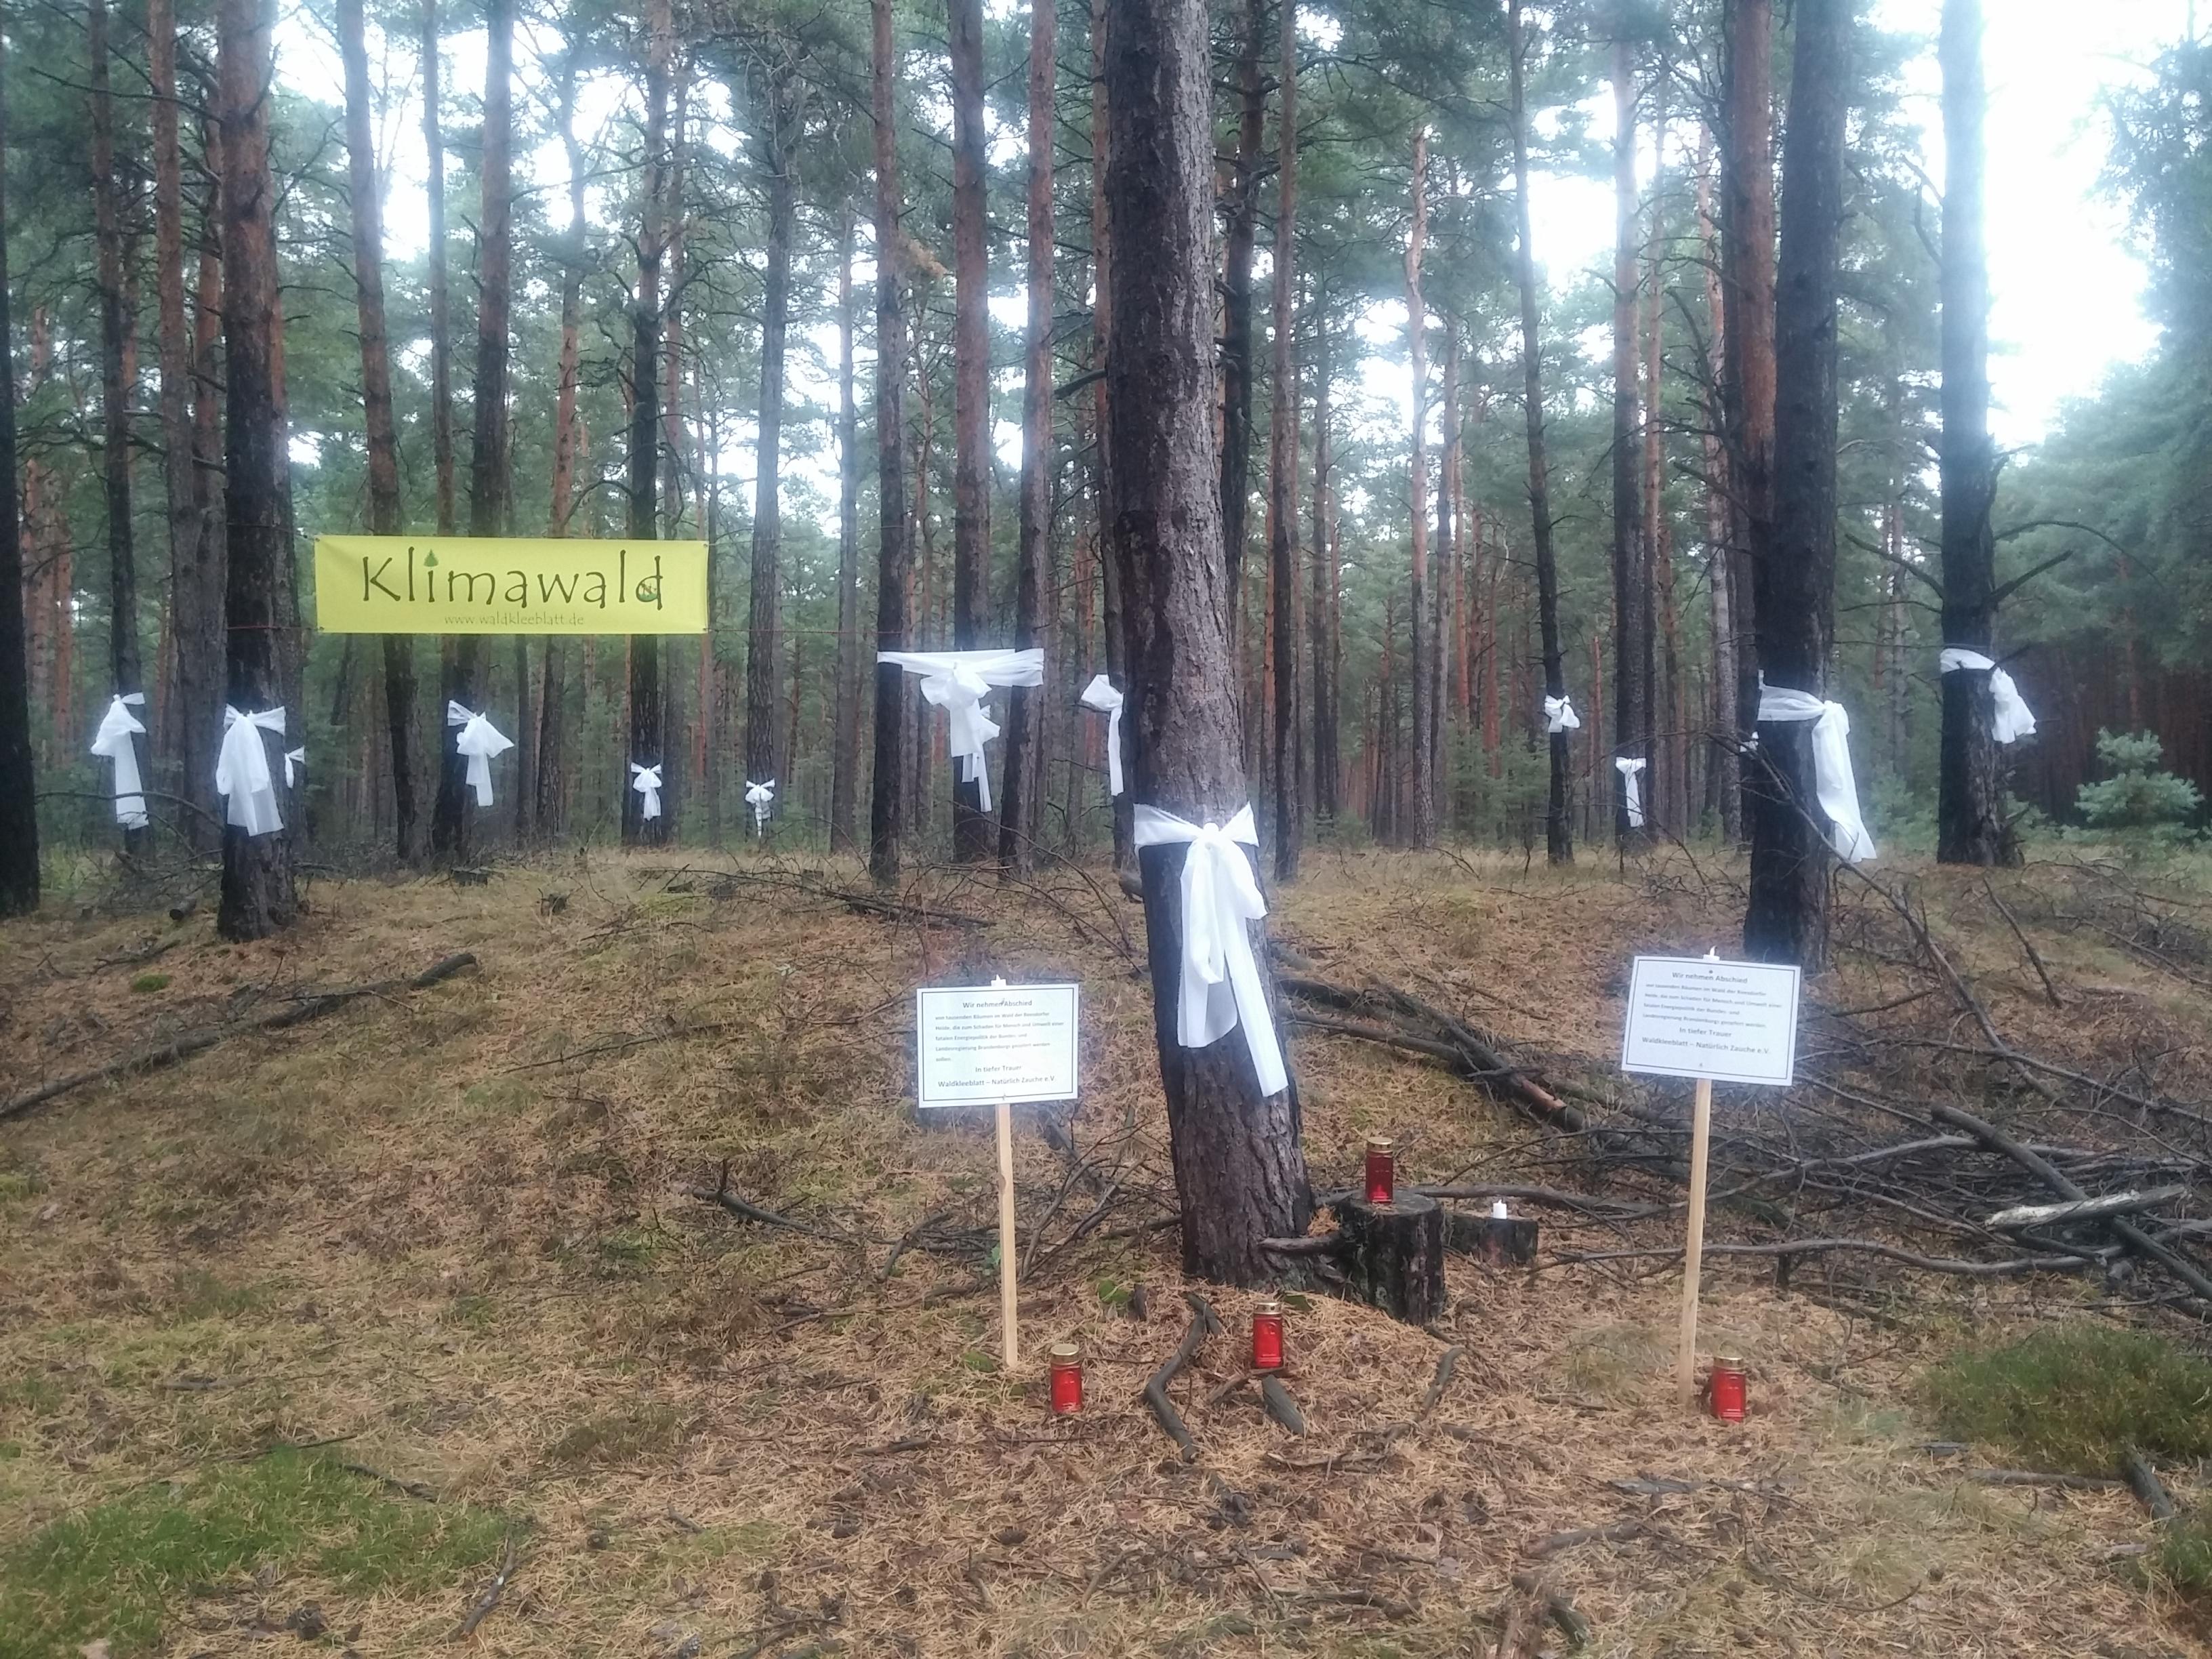 Protestveranstaltung am Samstag, 10.11.2018 / 14 Uhr in Reesdorf (OT der Spargelstadt Beelitz) / verlängerte Kaniner Straße / Keine Errichtung von Windkraftanlagen in Wäldern!